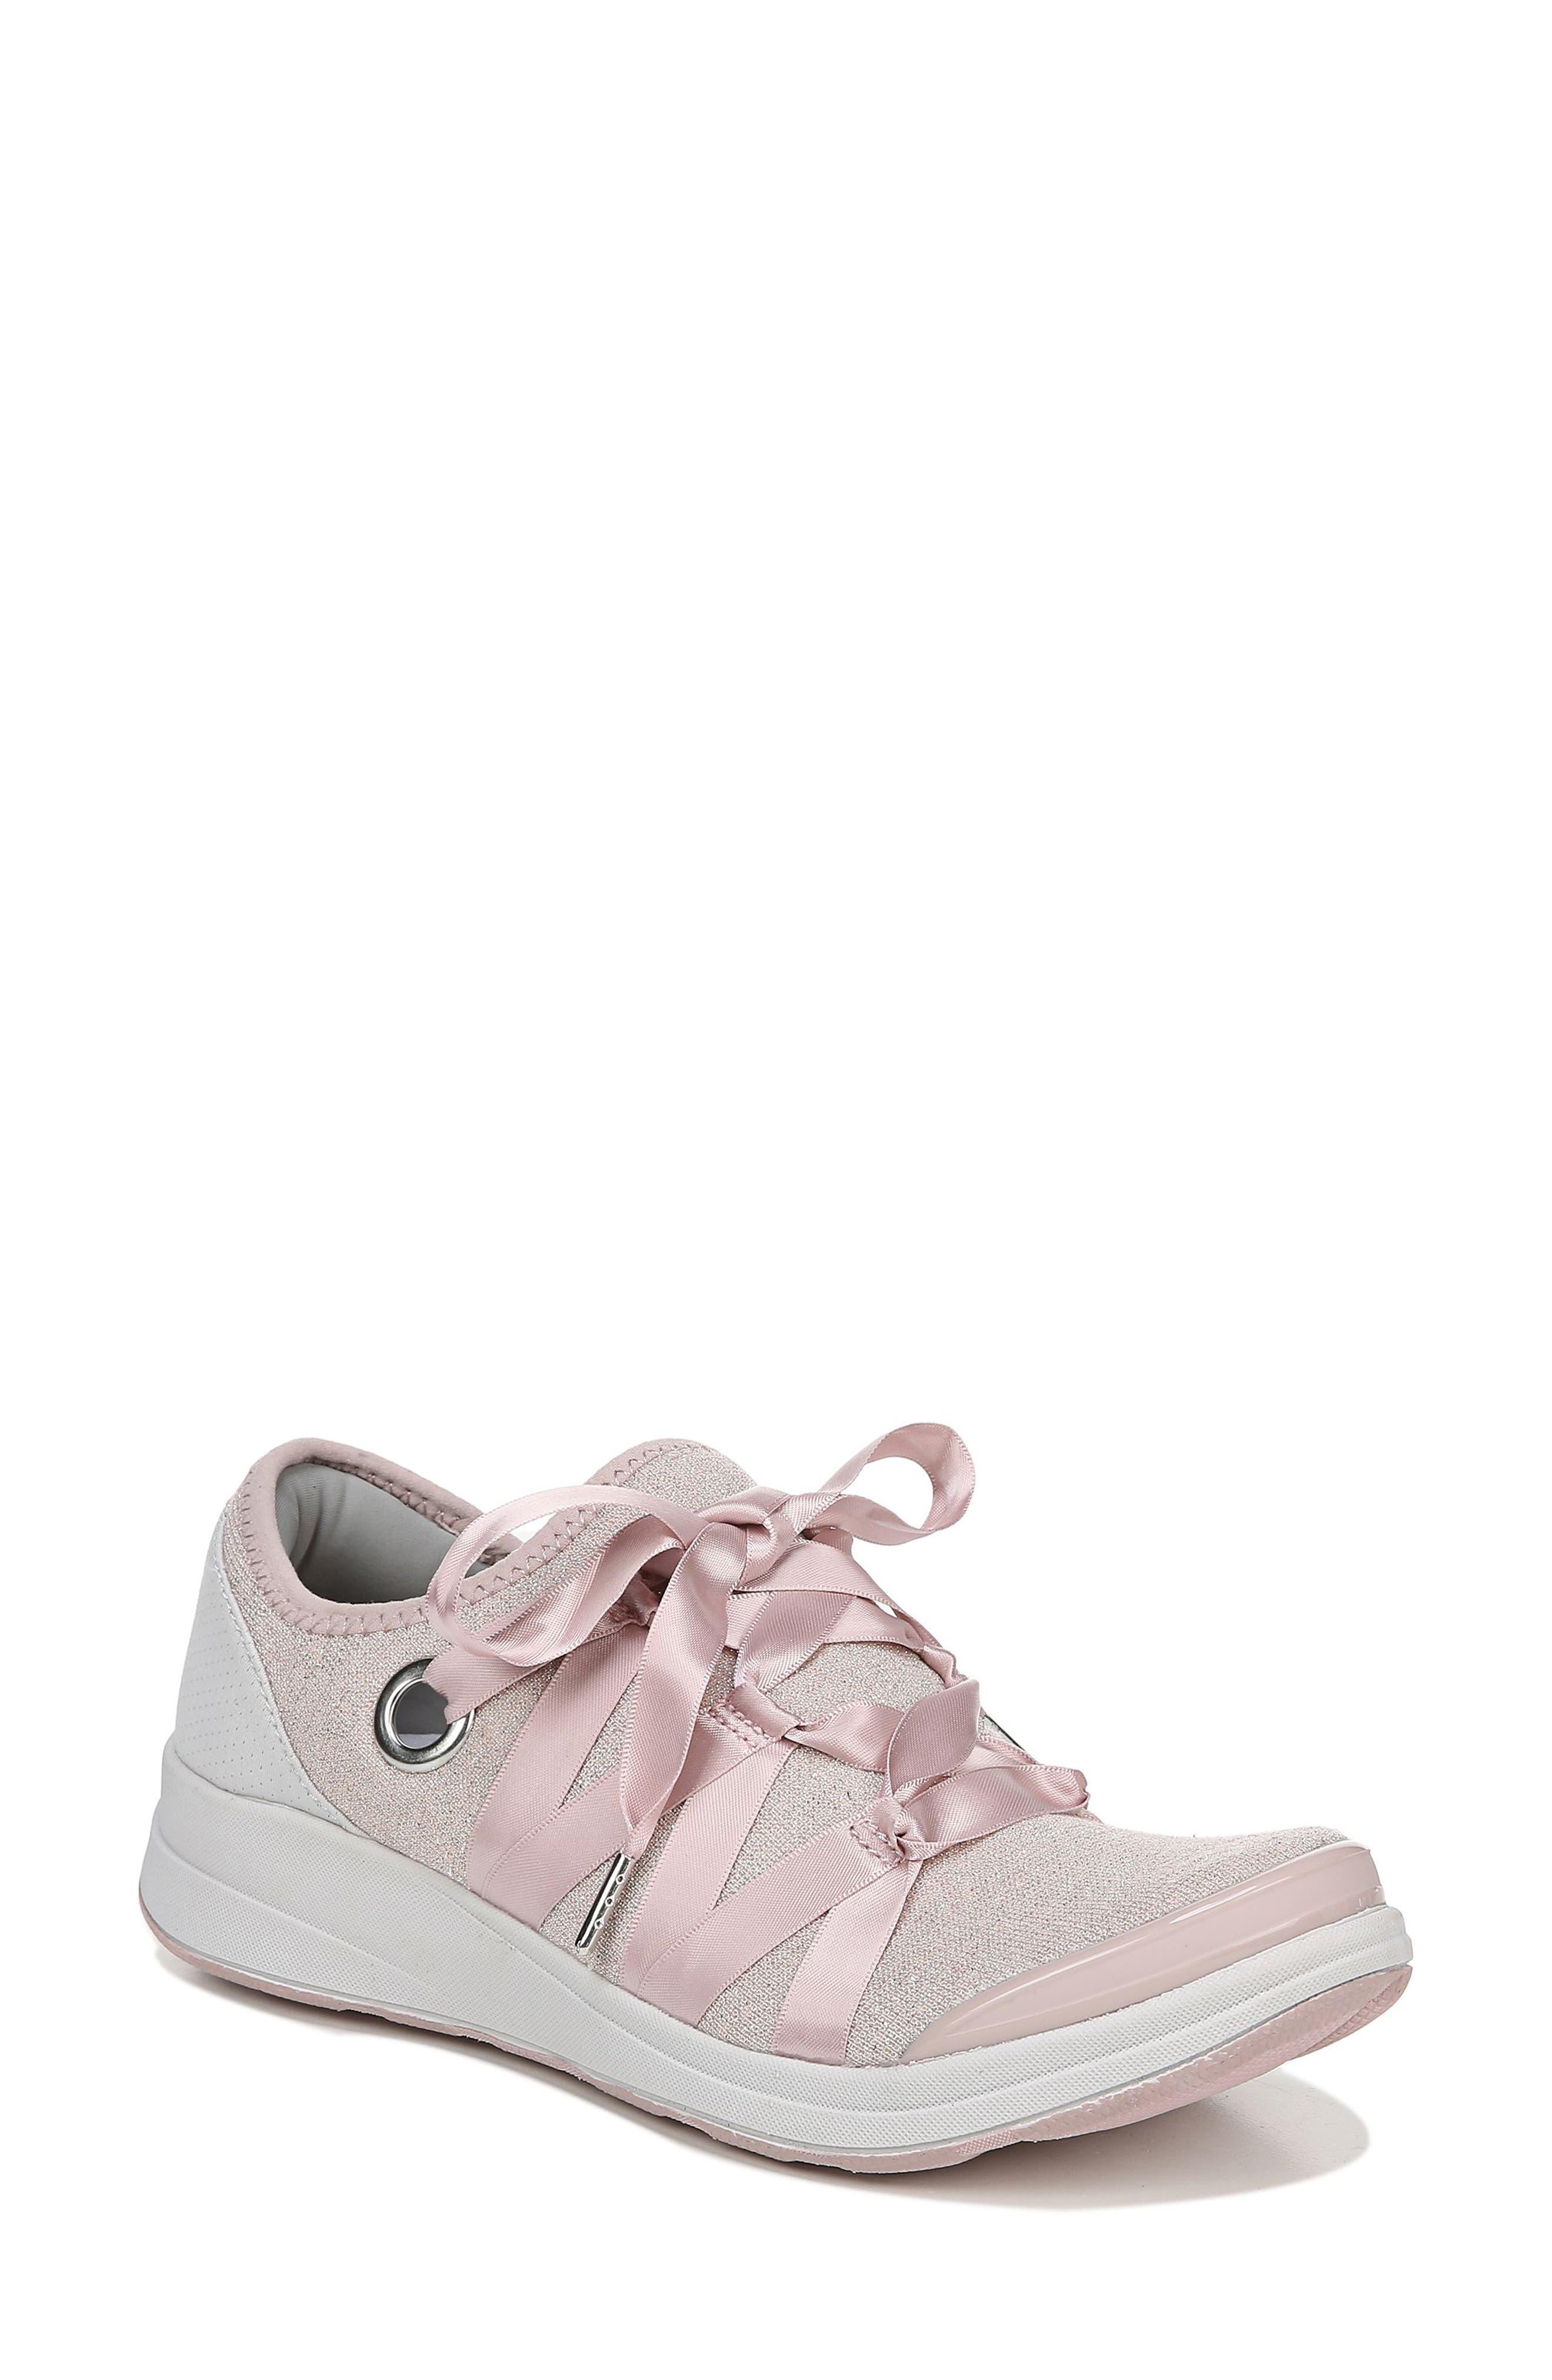 Bzees Inspire Sneaker, Pink